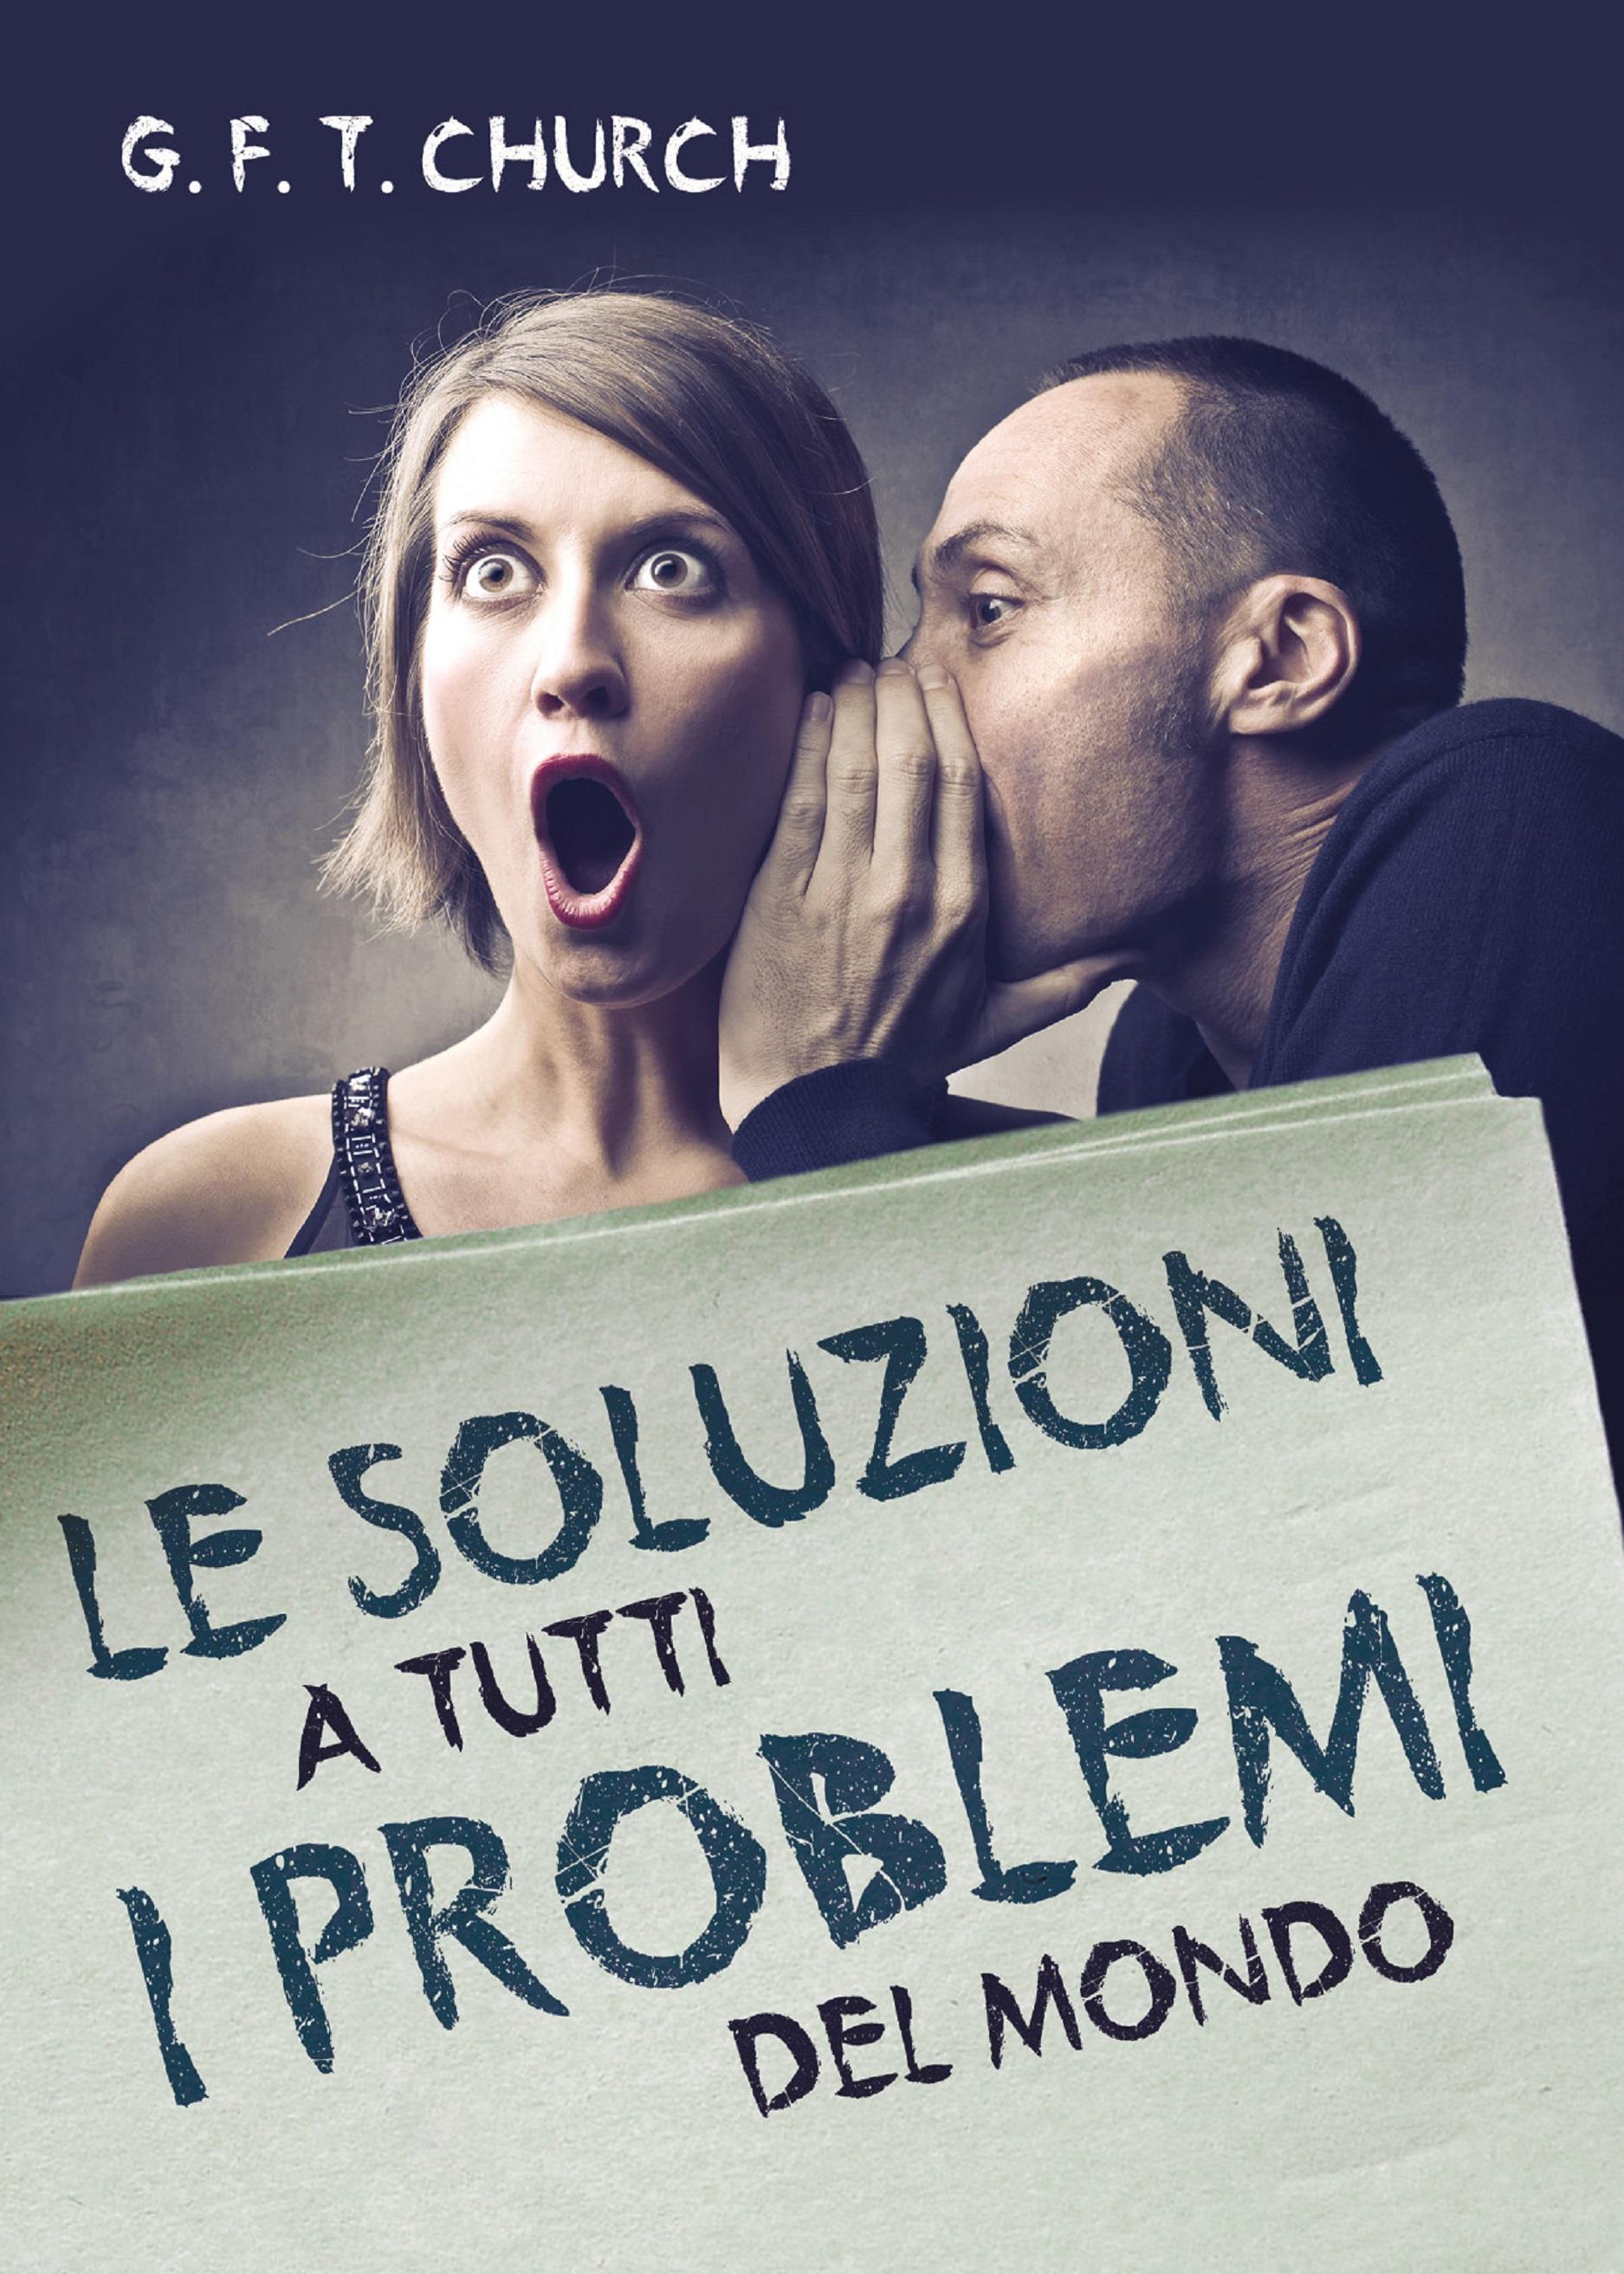 Le soluzioni a tutti i problemi del mondo